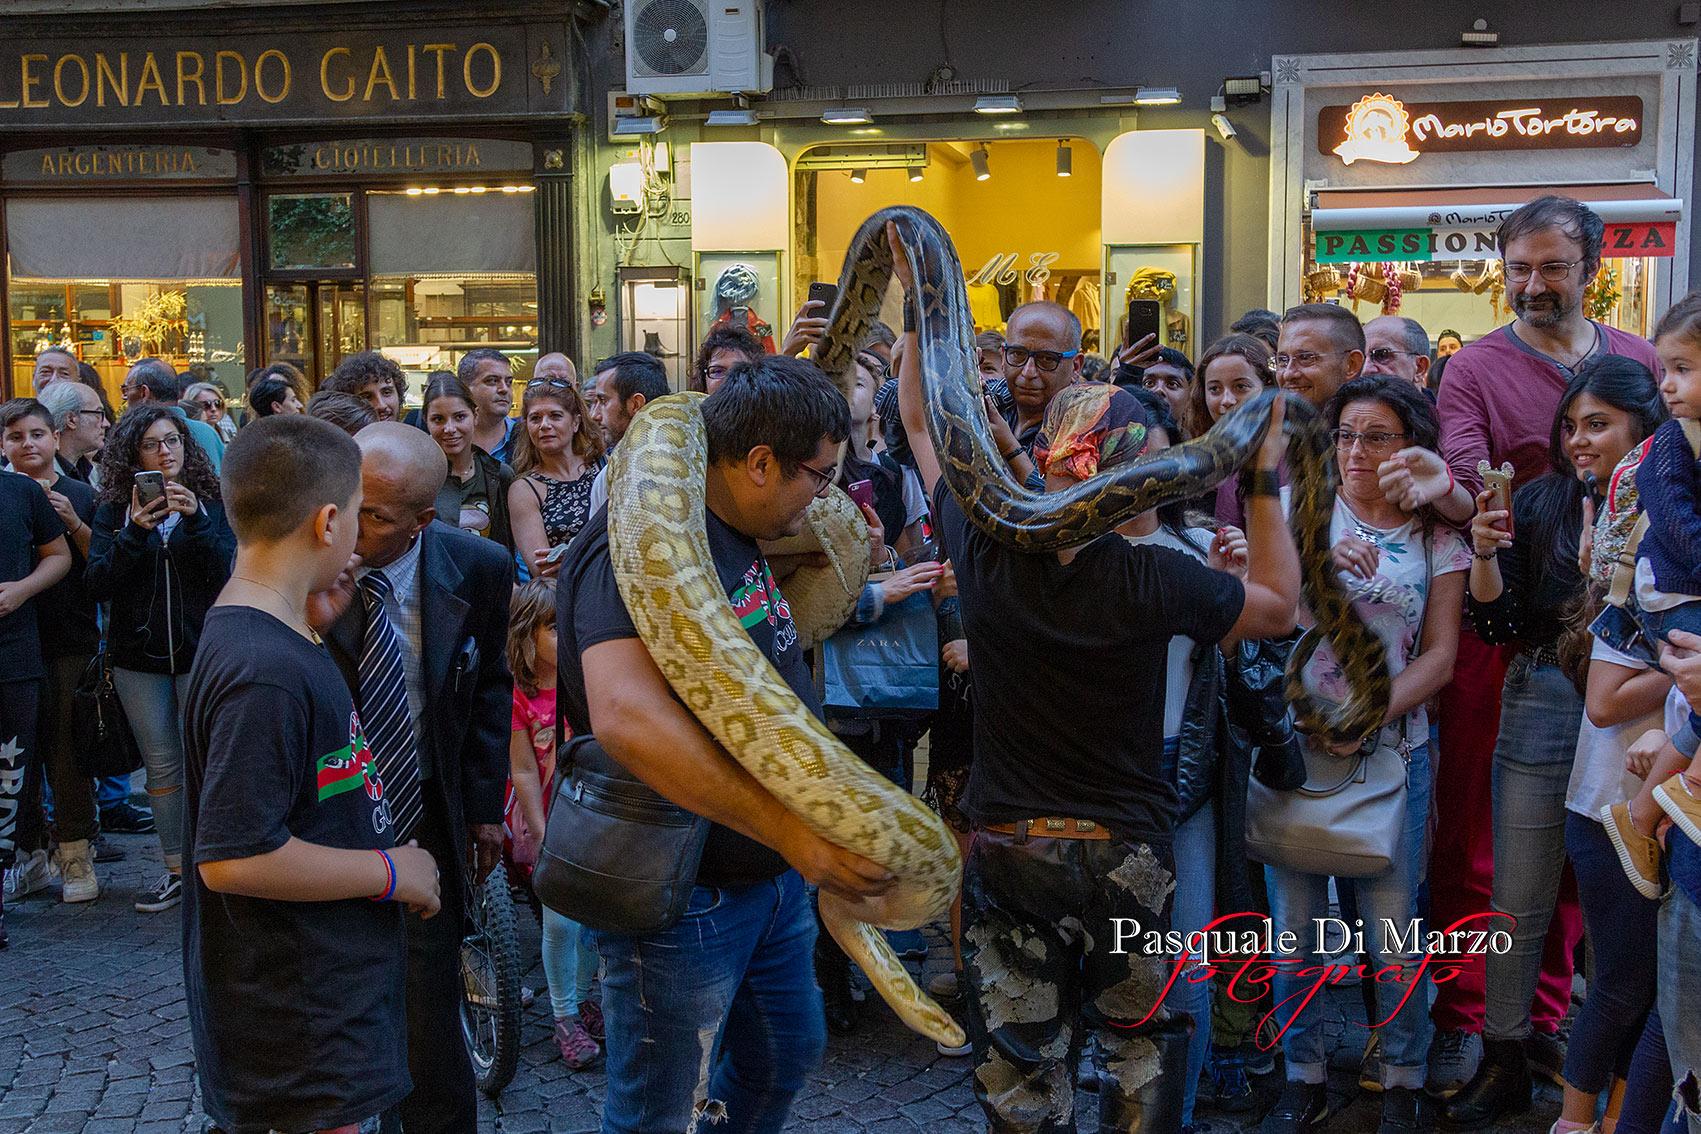 IMG 6921 A NAPOLI IN VIA TOLEDO LA SECONDA EDIZIONE DEL NAPOLI BUSKERS FESTIVAL, LA FOTOGALLERY